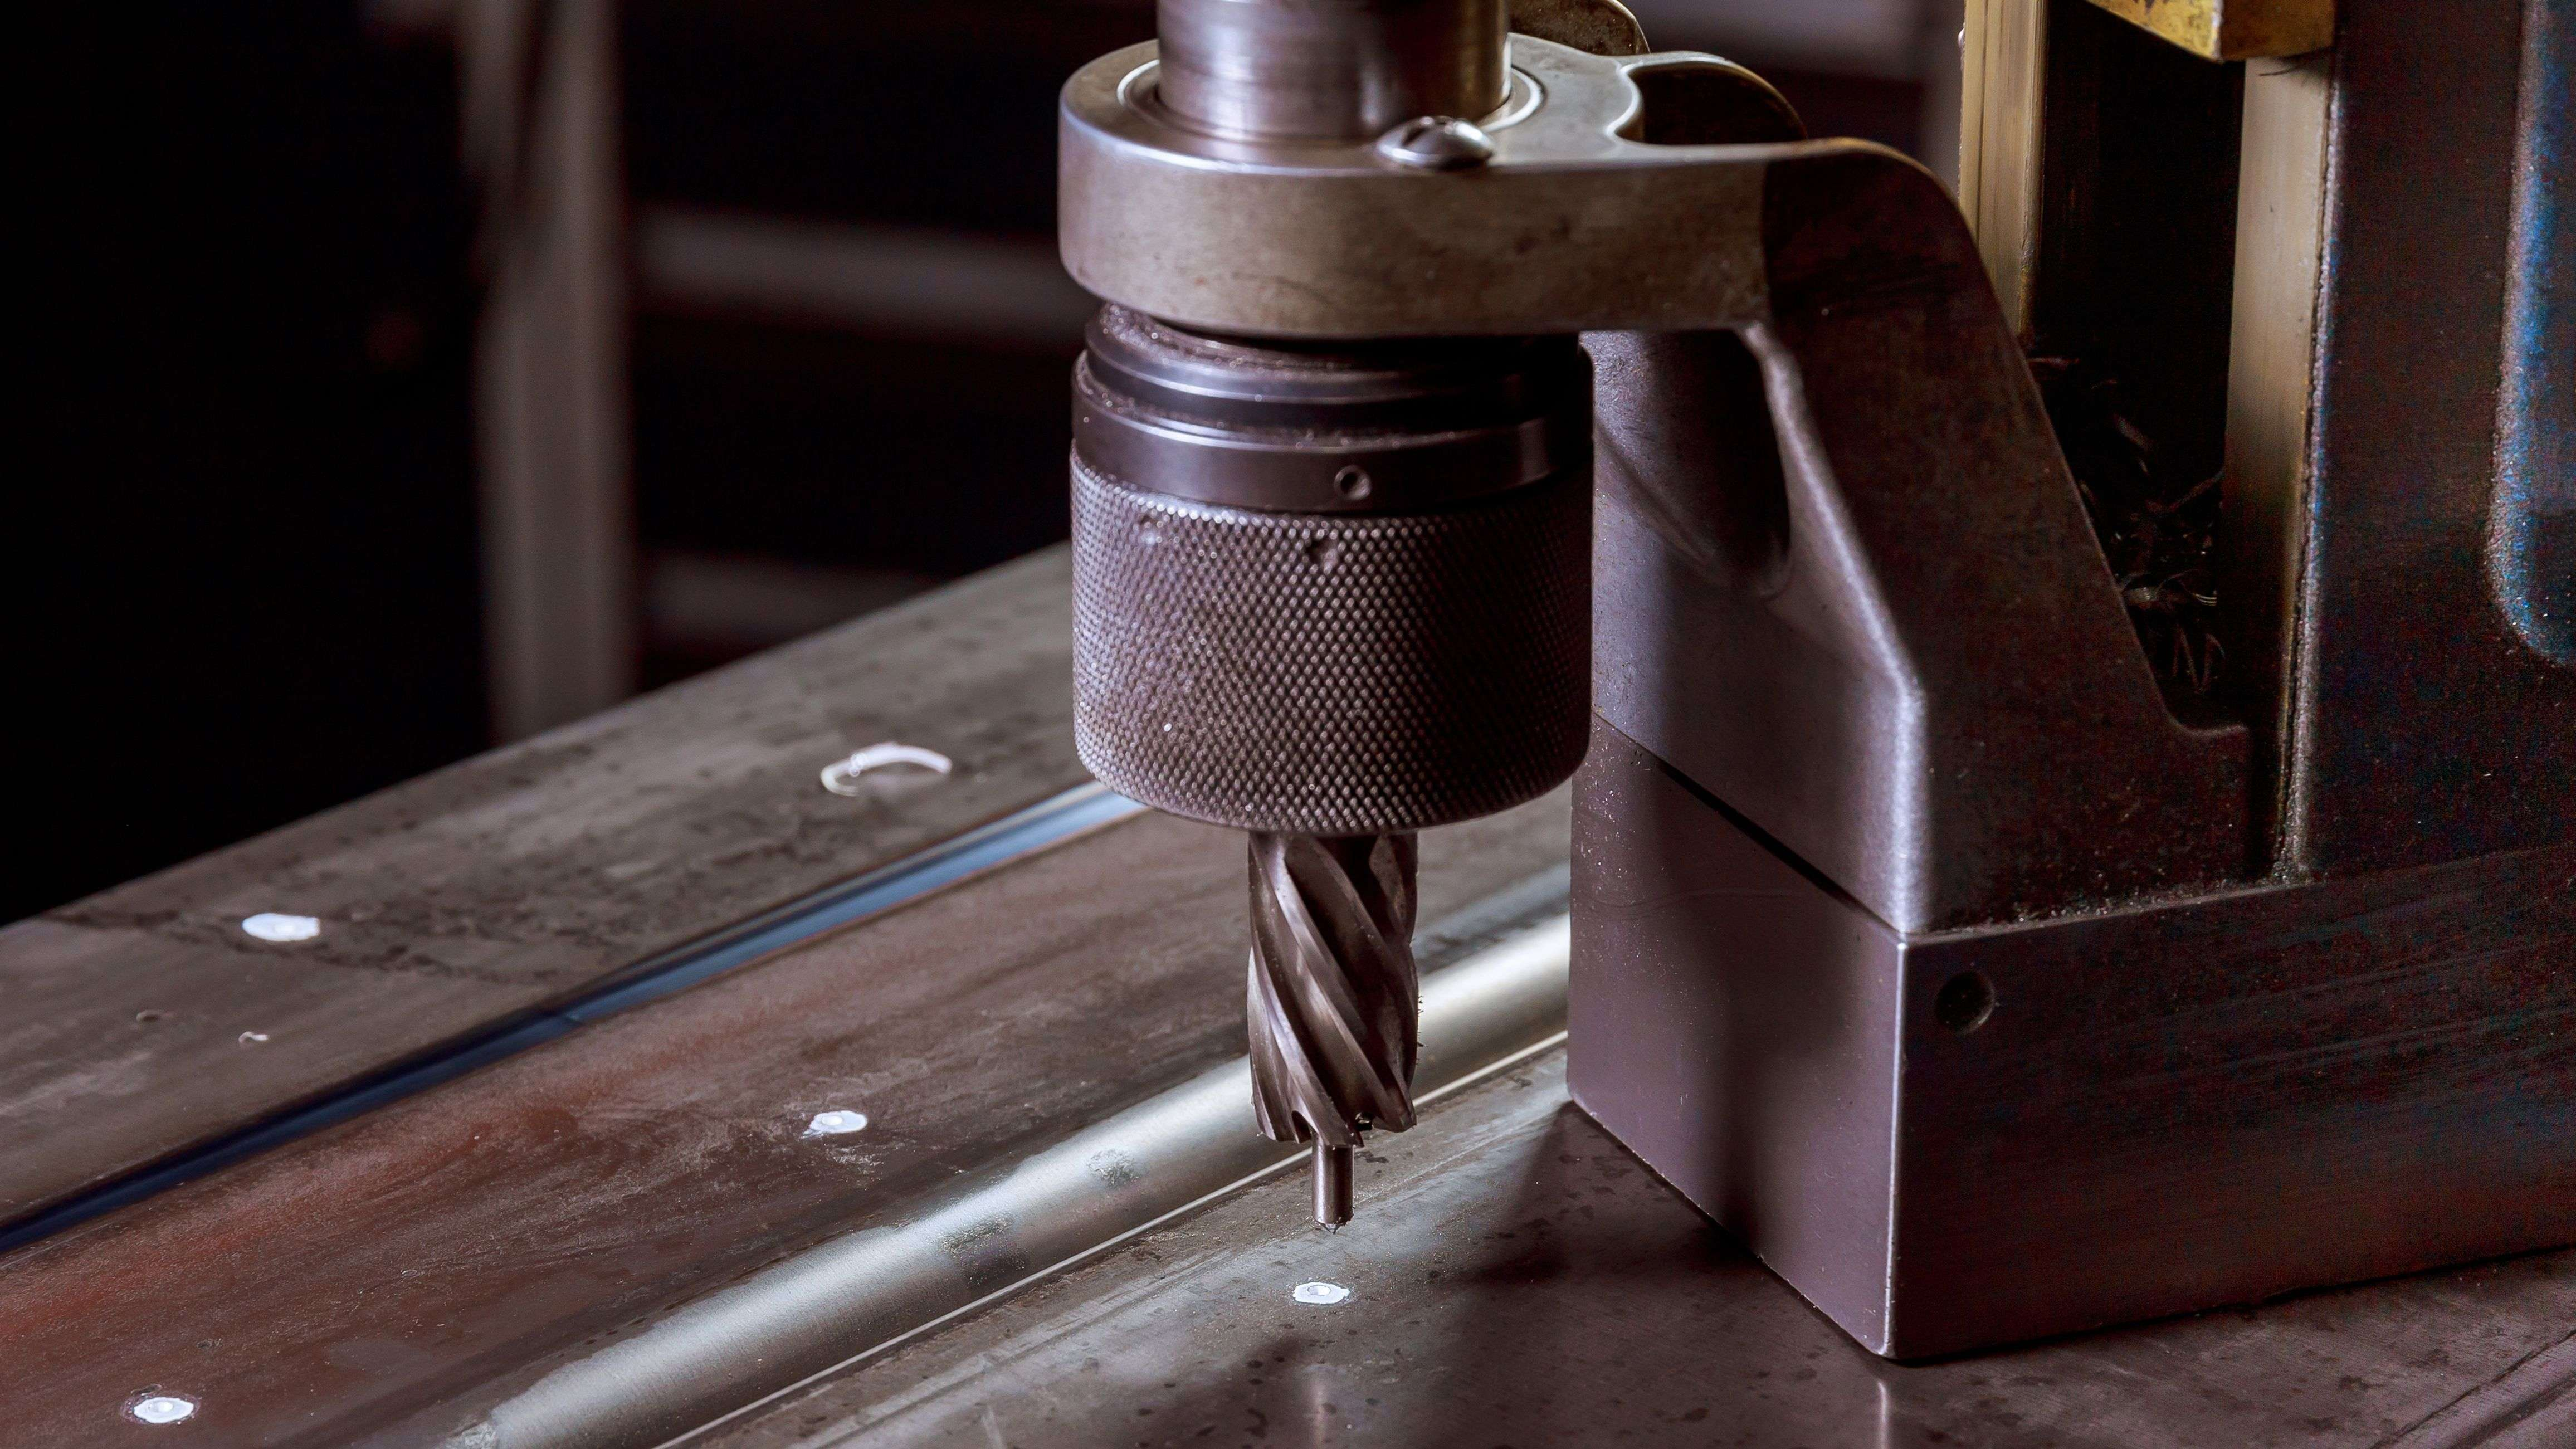 Comment choisir  une perceuse magnétique ou unité de perçage magnétique